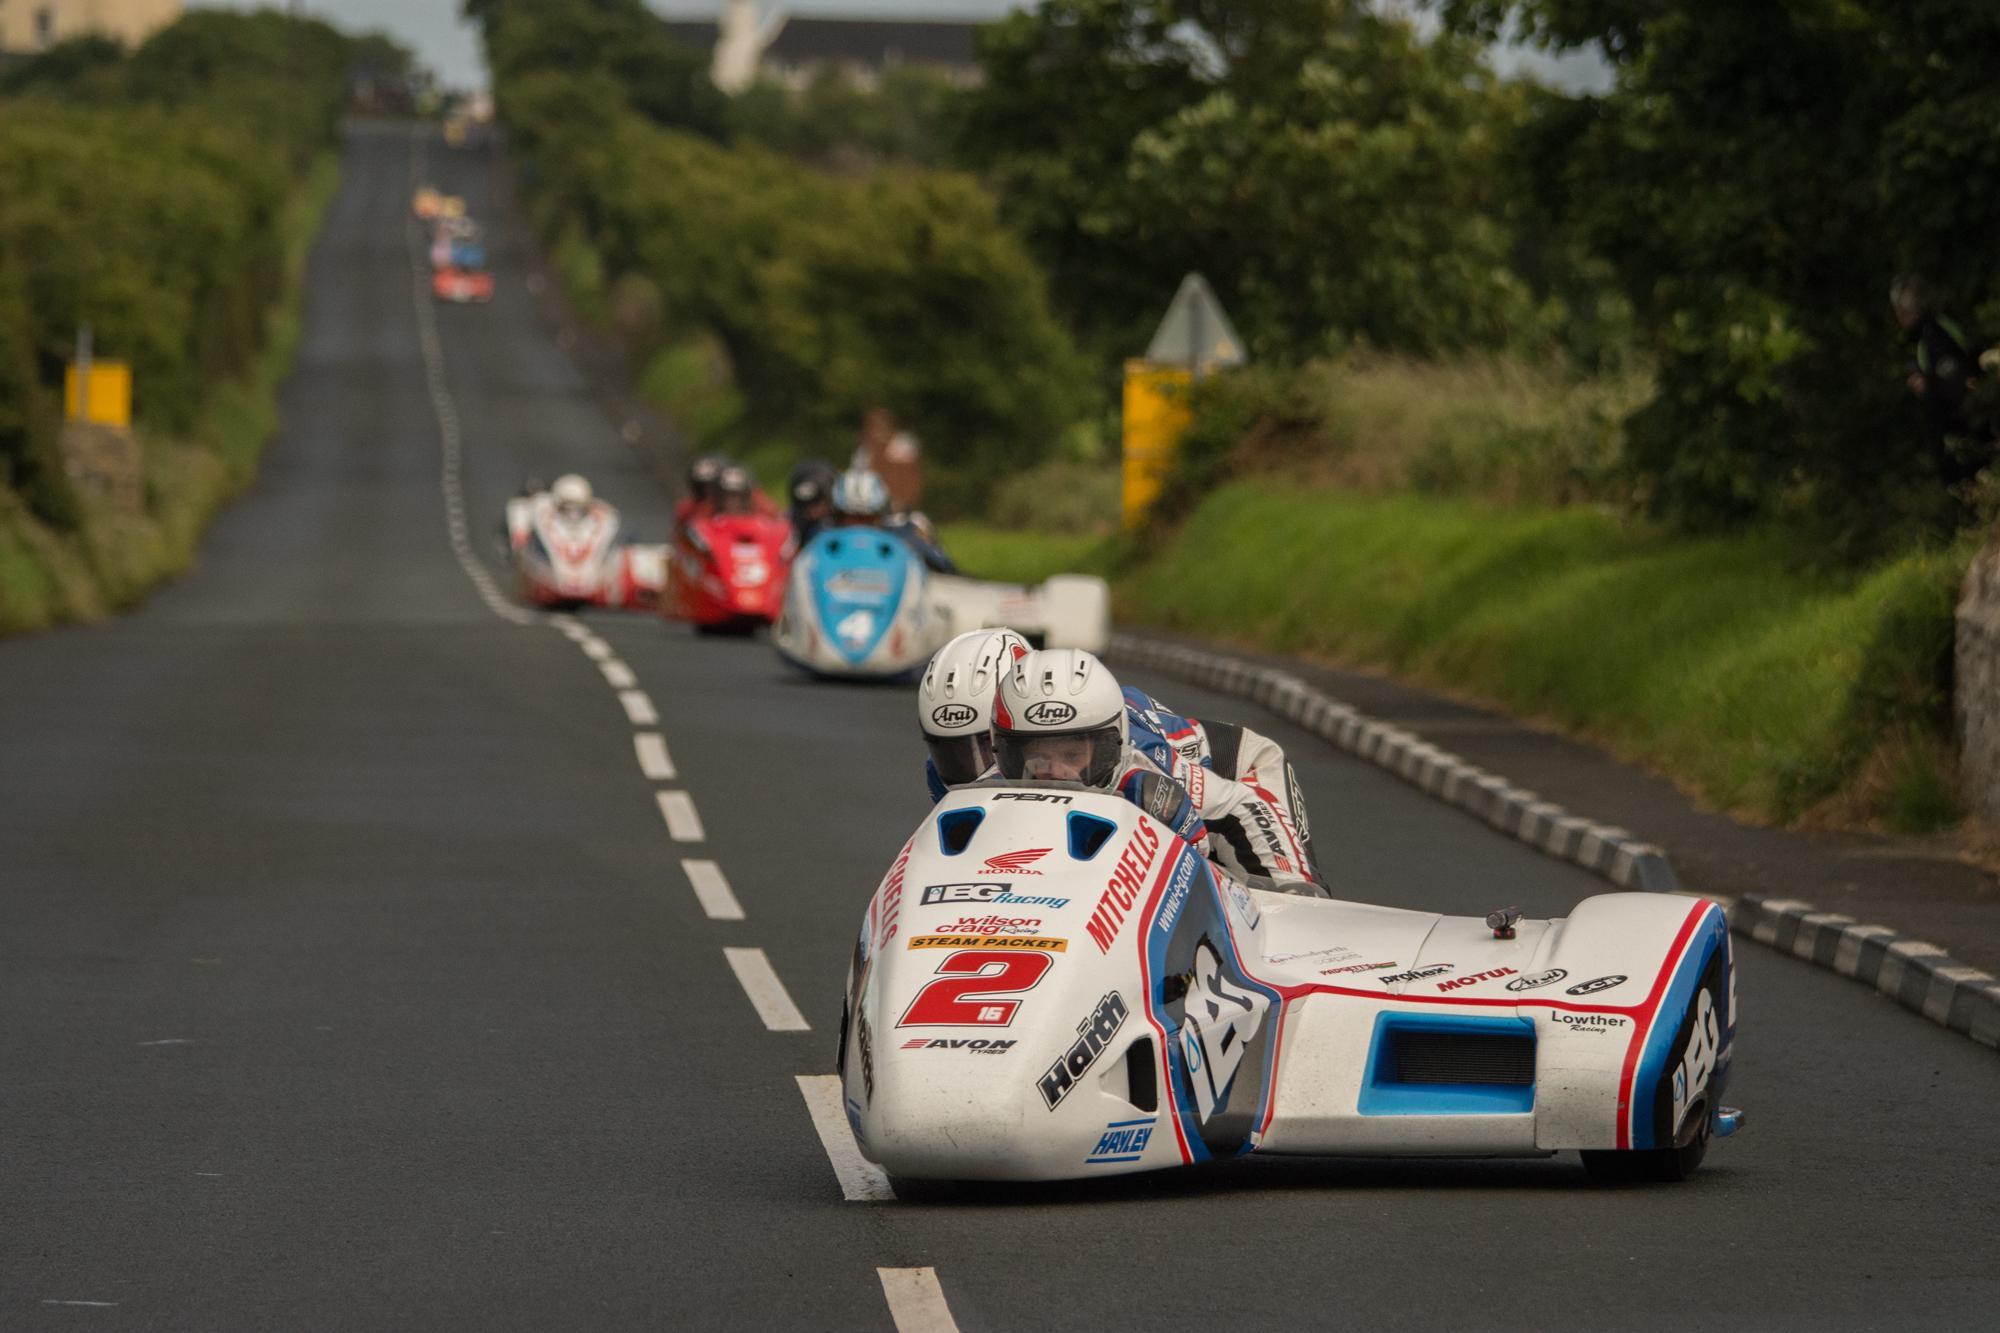 Top Three Sidecar Roads Teams Of 2016